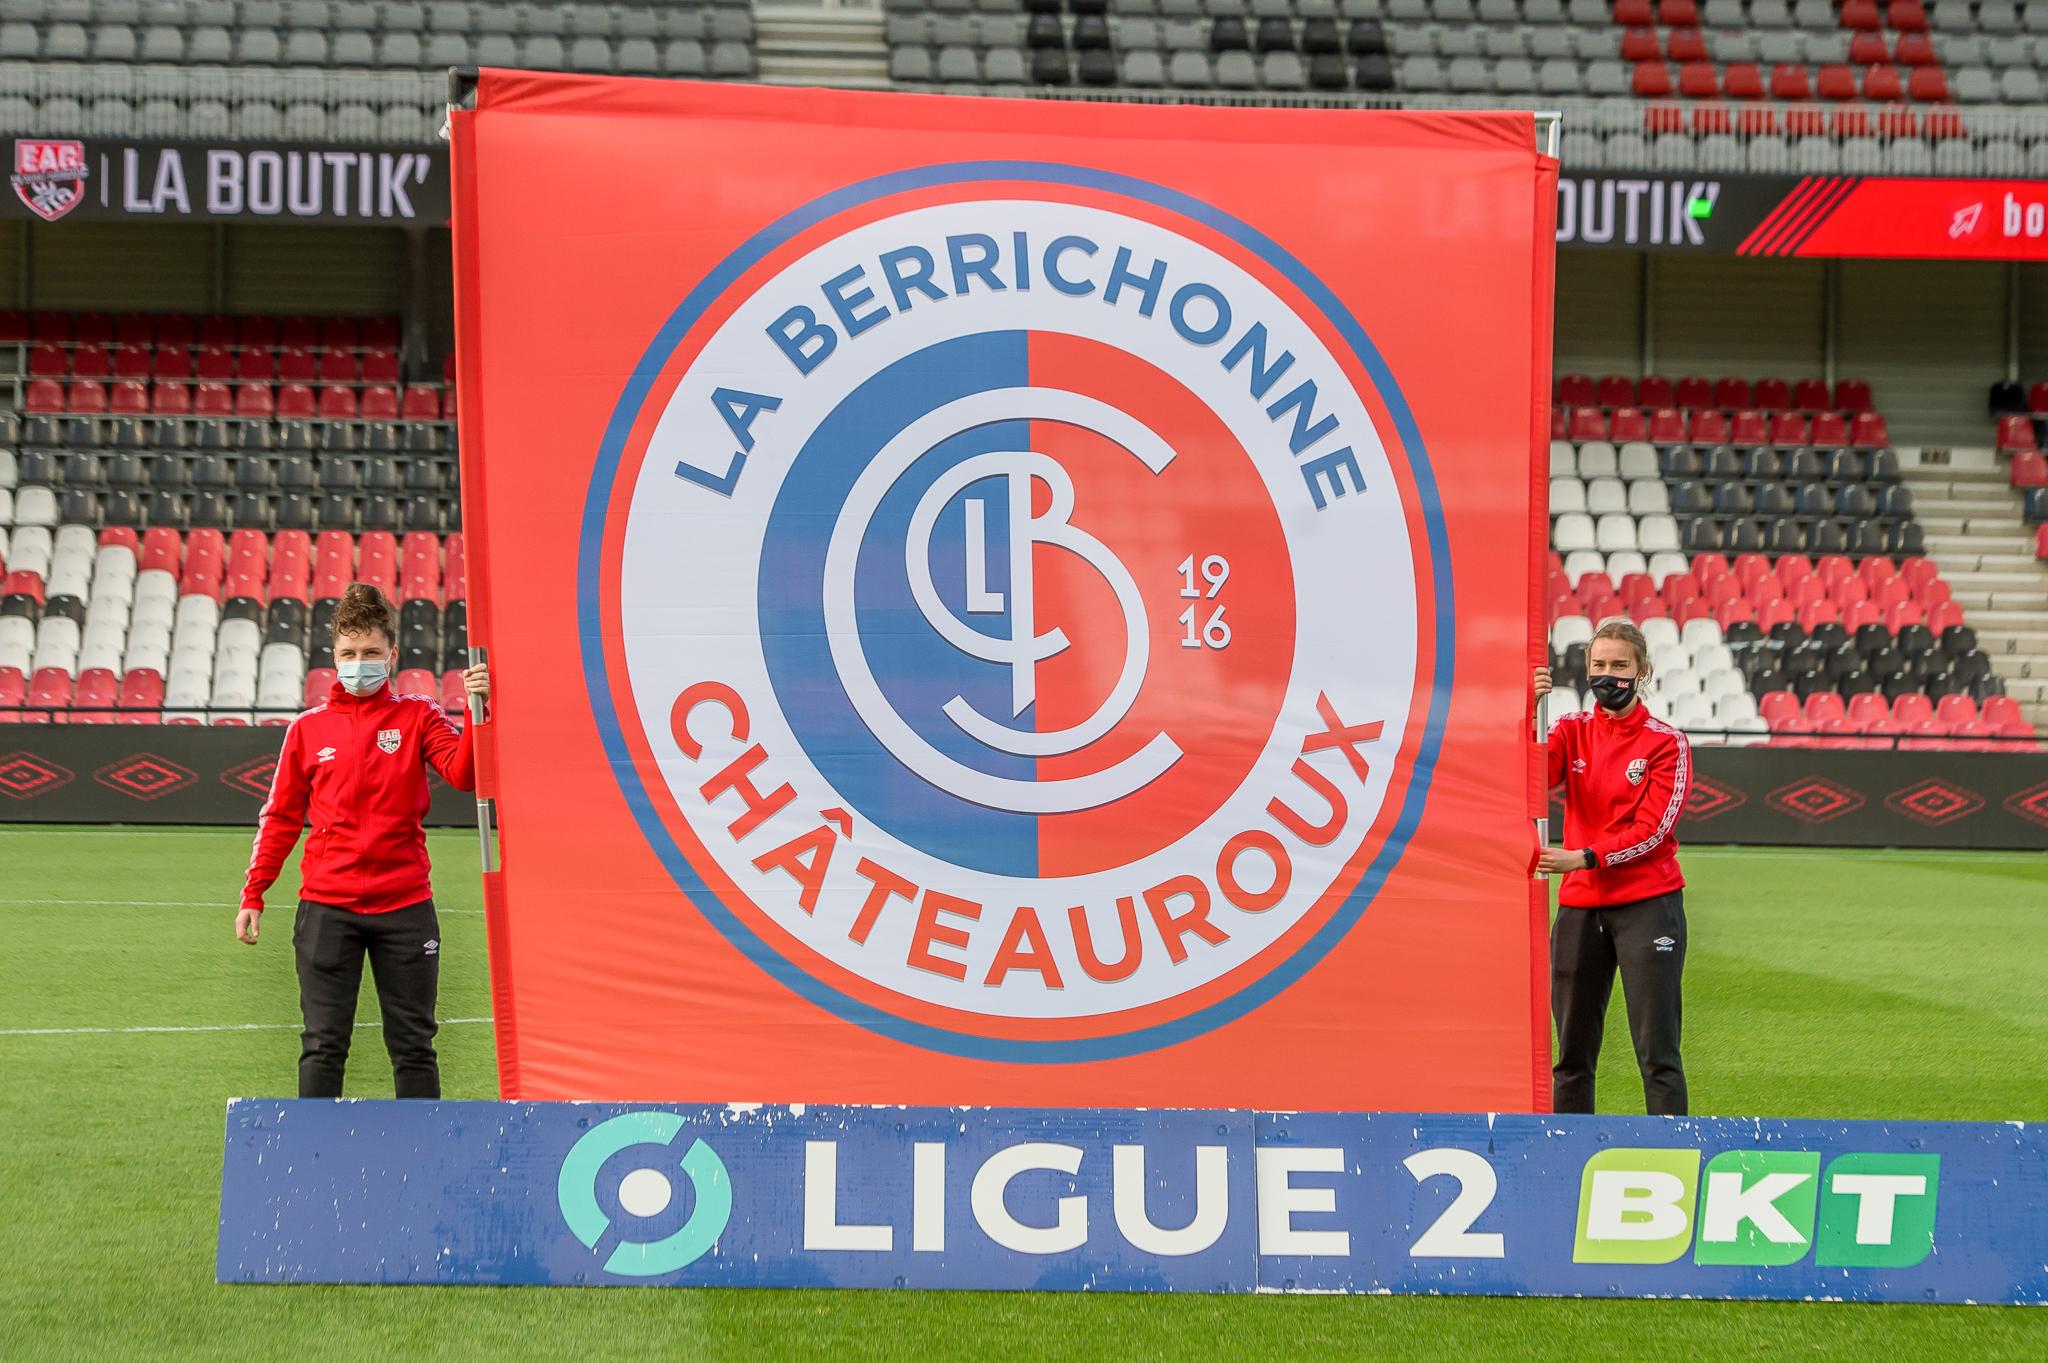 EA Guingamp La Berrichonne Châteauroux J37 Ligue 2 BKT EAGLBC 2-0 Stade de Roudourou FRA_5377